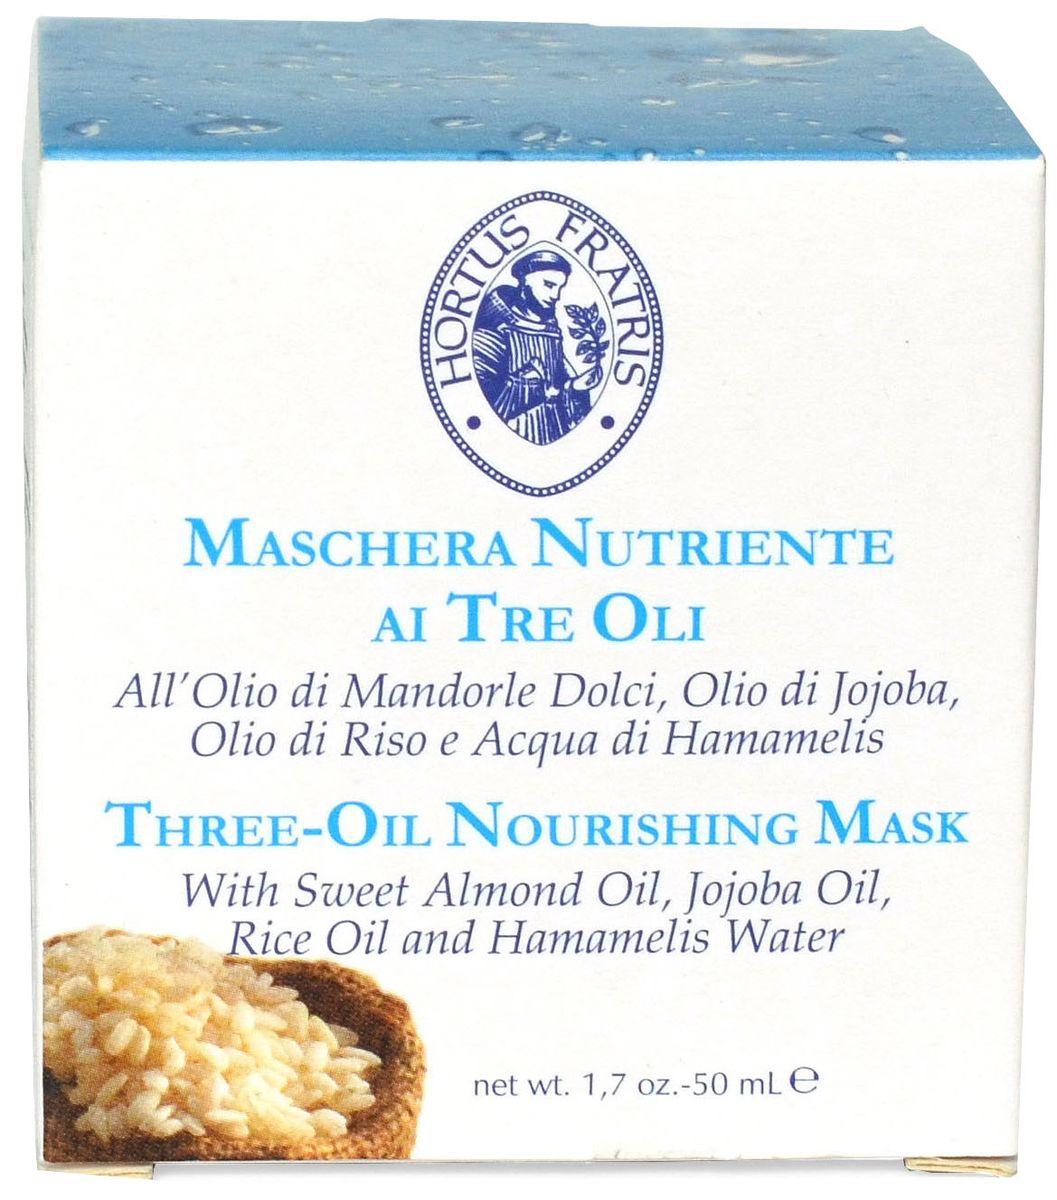 Hortus Fratris питательная маска с тремя маслами масло миндаля сладкого, масло жожоба, рисовое масло и вода гамамелиса, 50 мл14004Маска с тремя маслами интенсивно увлажняет и придает упругость коже благодаря действию масла Миндаля сладкого в сочетании смаслом Жожоба. Hortus Fratris использует полезные свойства масла риса витаминизирует кожу лица и замедляет признаки ее старения, кожа становится свежей и здоровой. Нежная и эффективная маска успокаивает и делает упругой кожу лица, снимает следы усталости, с первого применения лицо приобретает удивительное сияние и тонус.